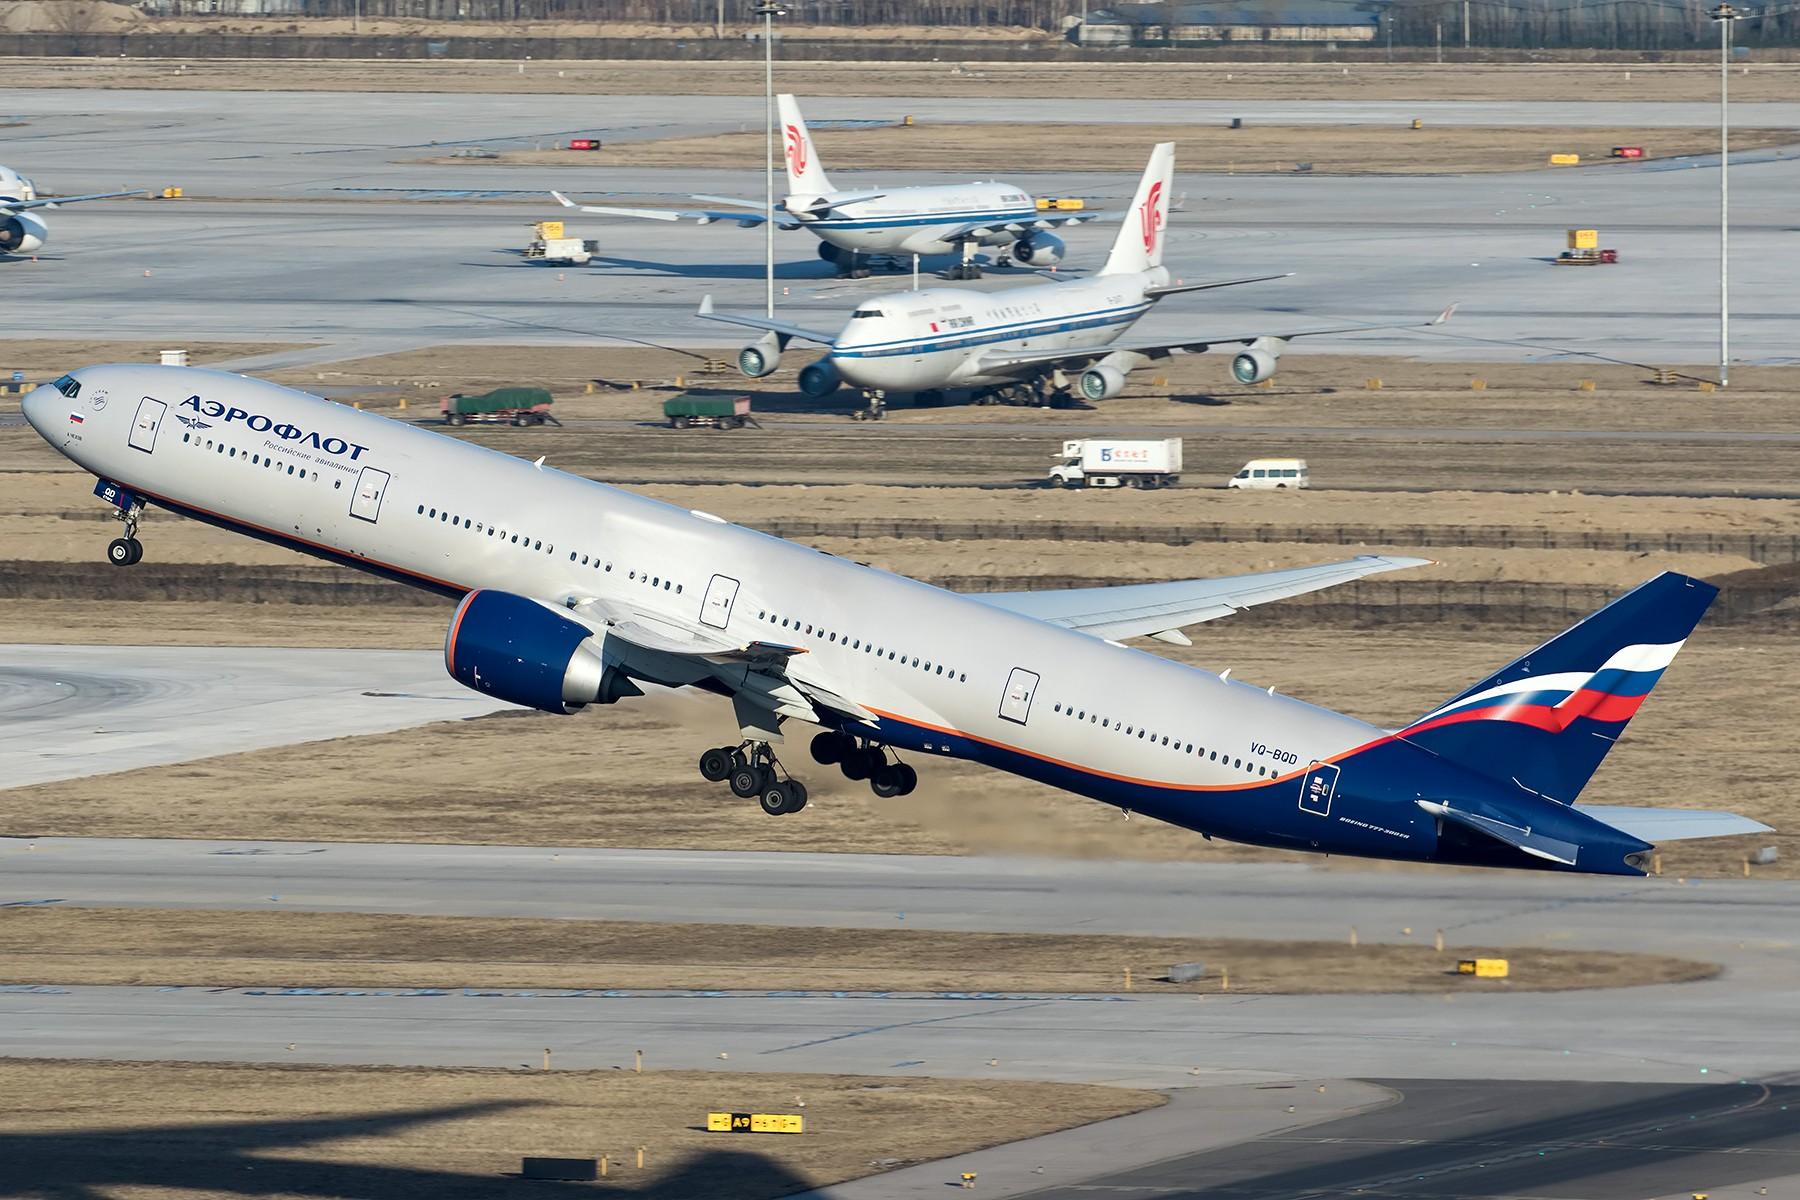 Re:[原创]**两图党**雾霾前的一拍,荷航新装+延误的俄航 BOEING 777-300ER VQ-BQD 中国北京首都国际机场